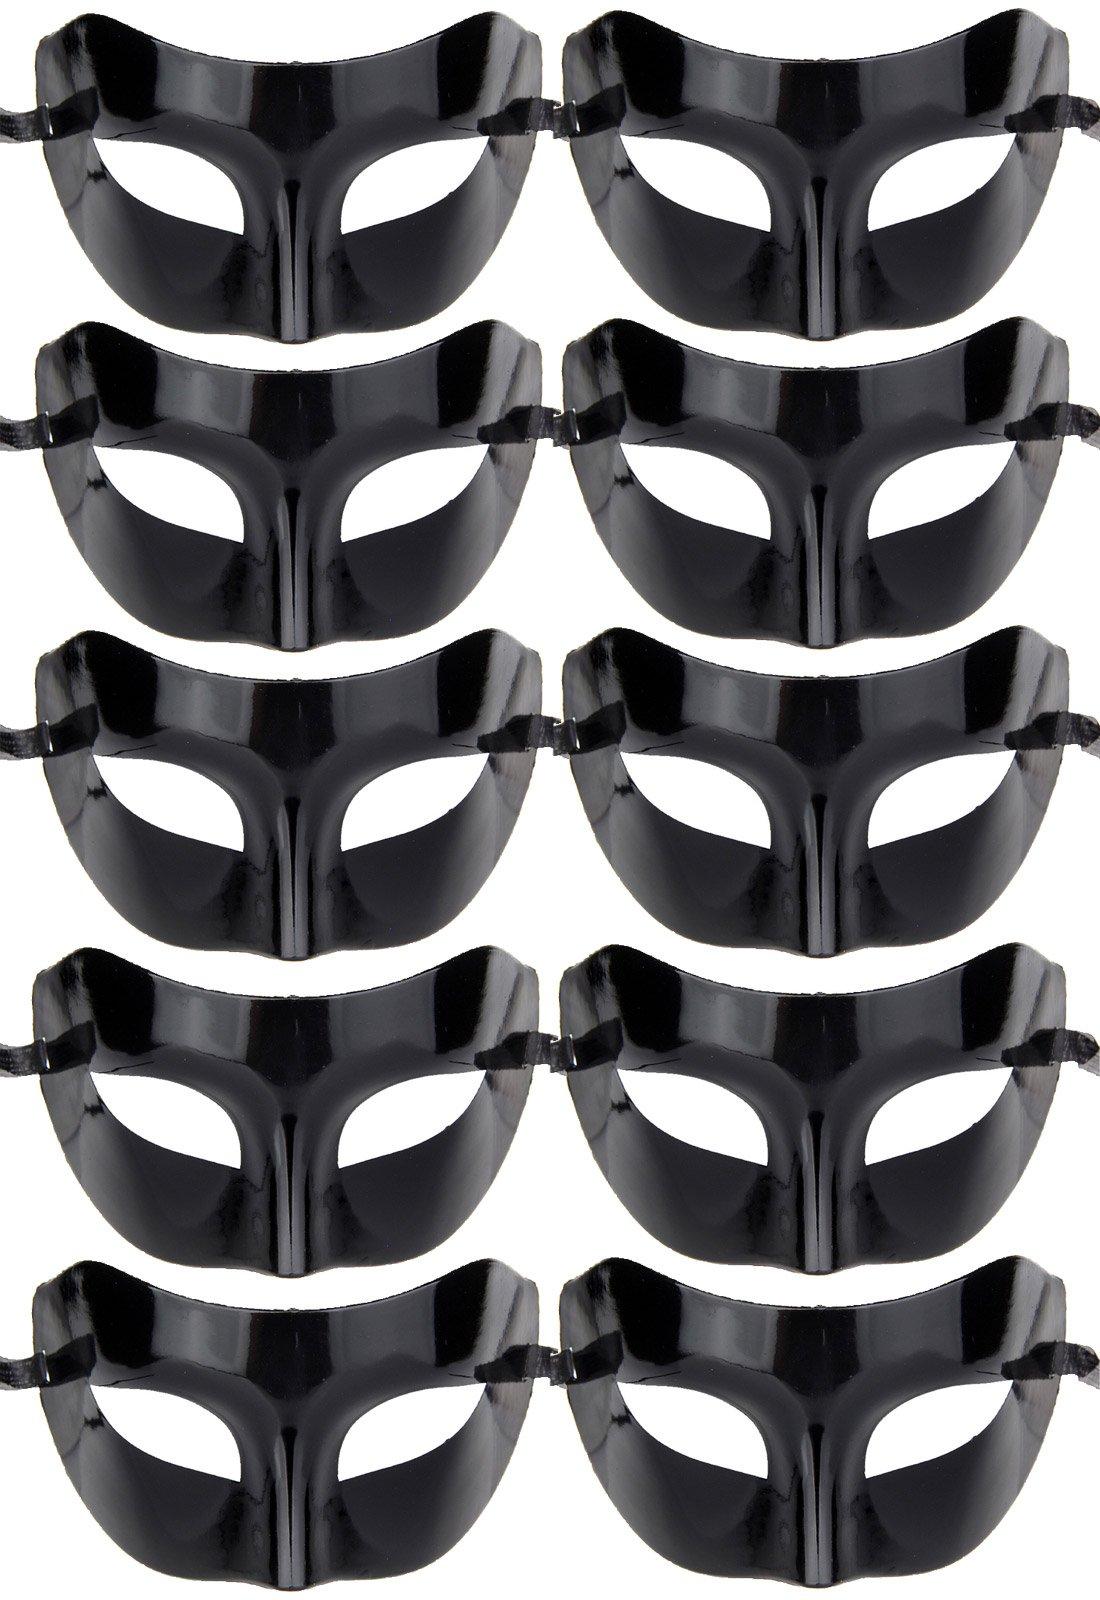 IETANG 10pcs Set Mardi Gras Half Masquerades Venetian Masks Costumes Party Accessory (Set A-Black)